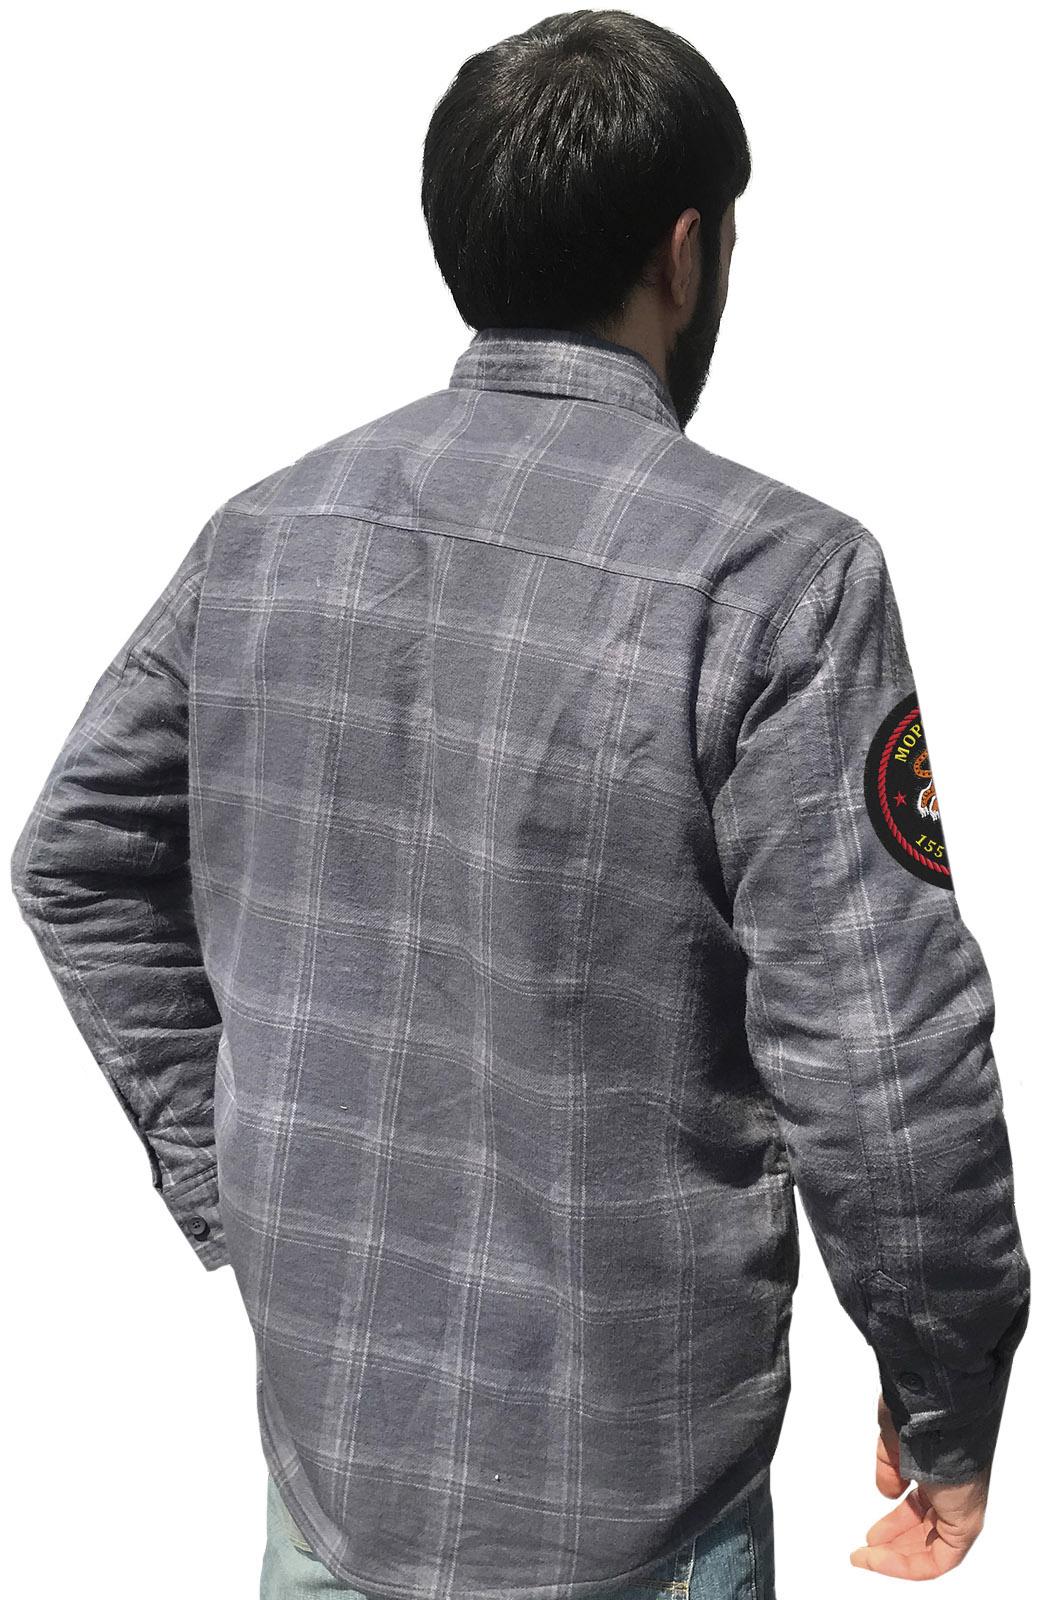 Мужская рубашка в клетку с нашивкой Морская пехота 155 ОБрМП КТОФ заказать оптом и в розницу